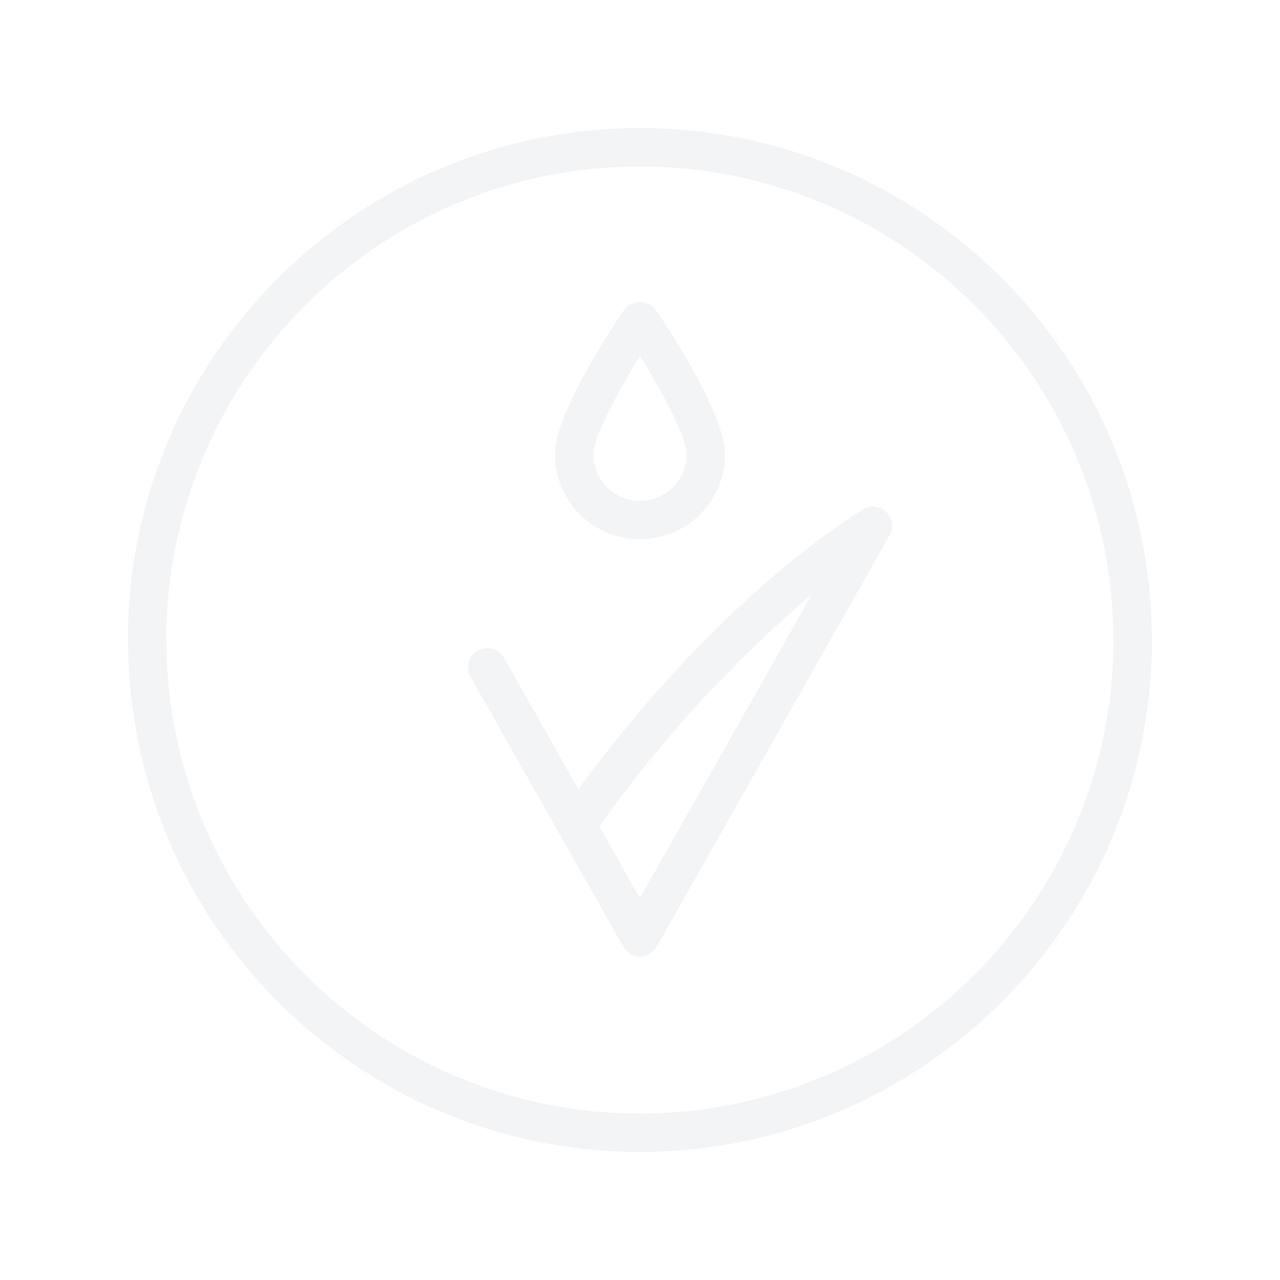 BOURJOIS Healthy Mix Anti-Fatigue Powder No.04 Light Bronze 11g